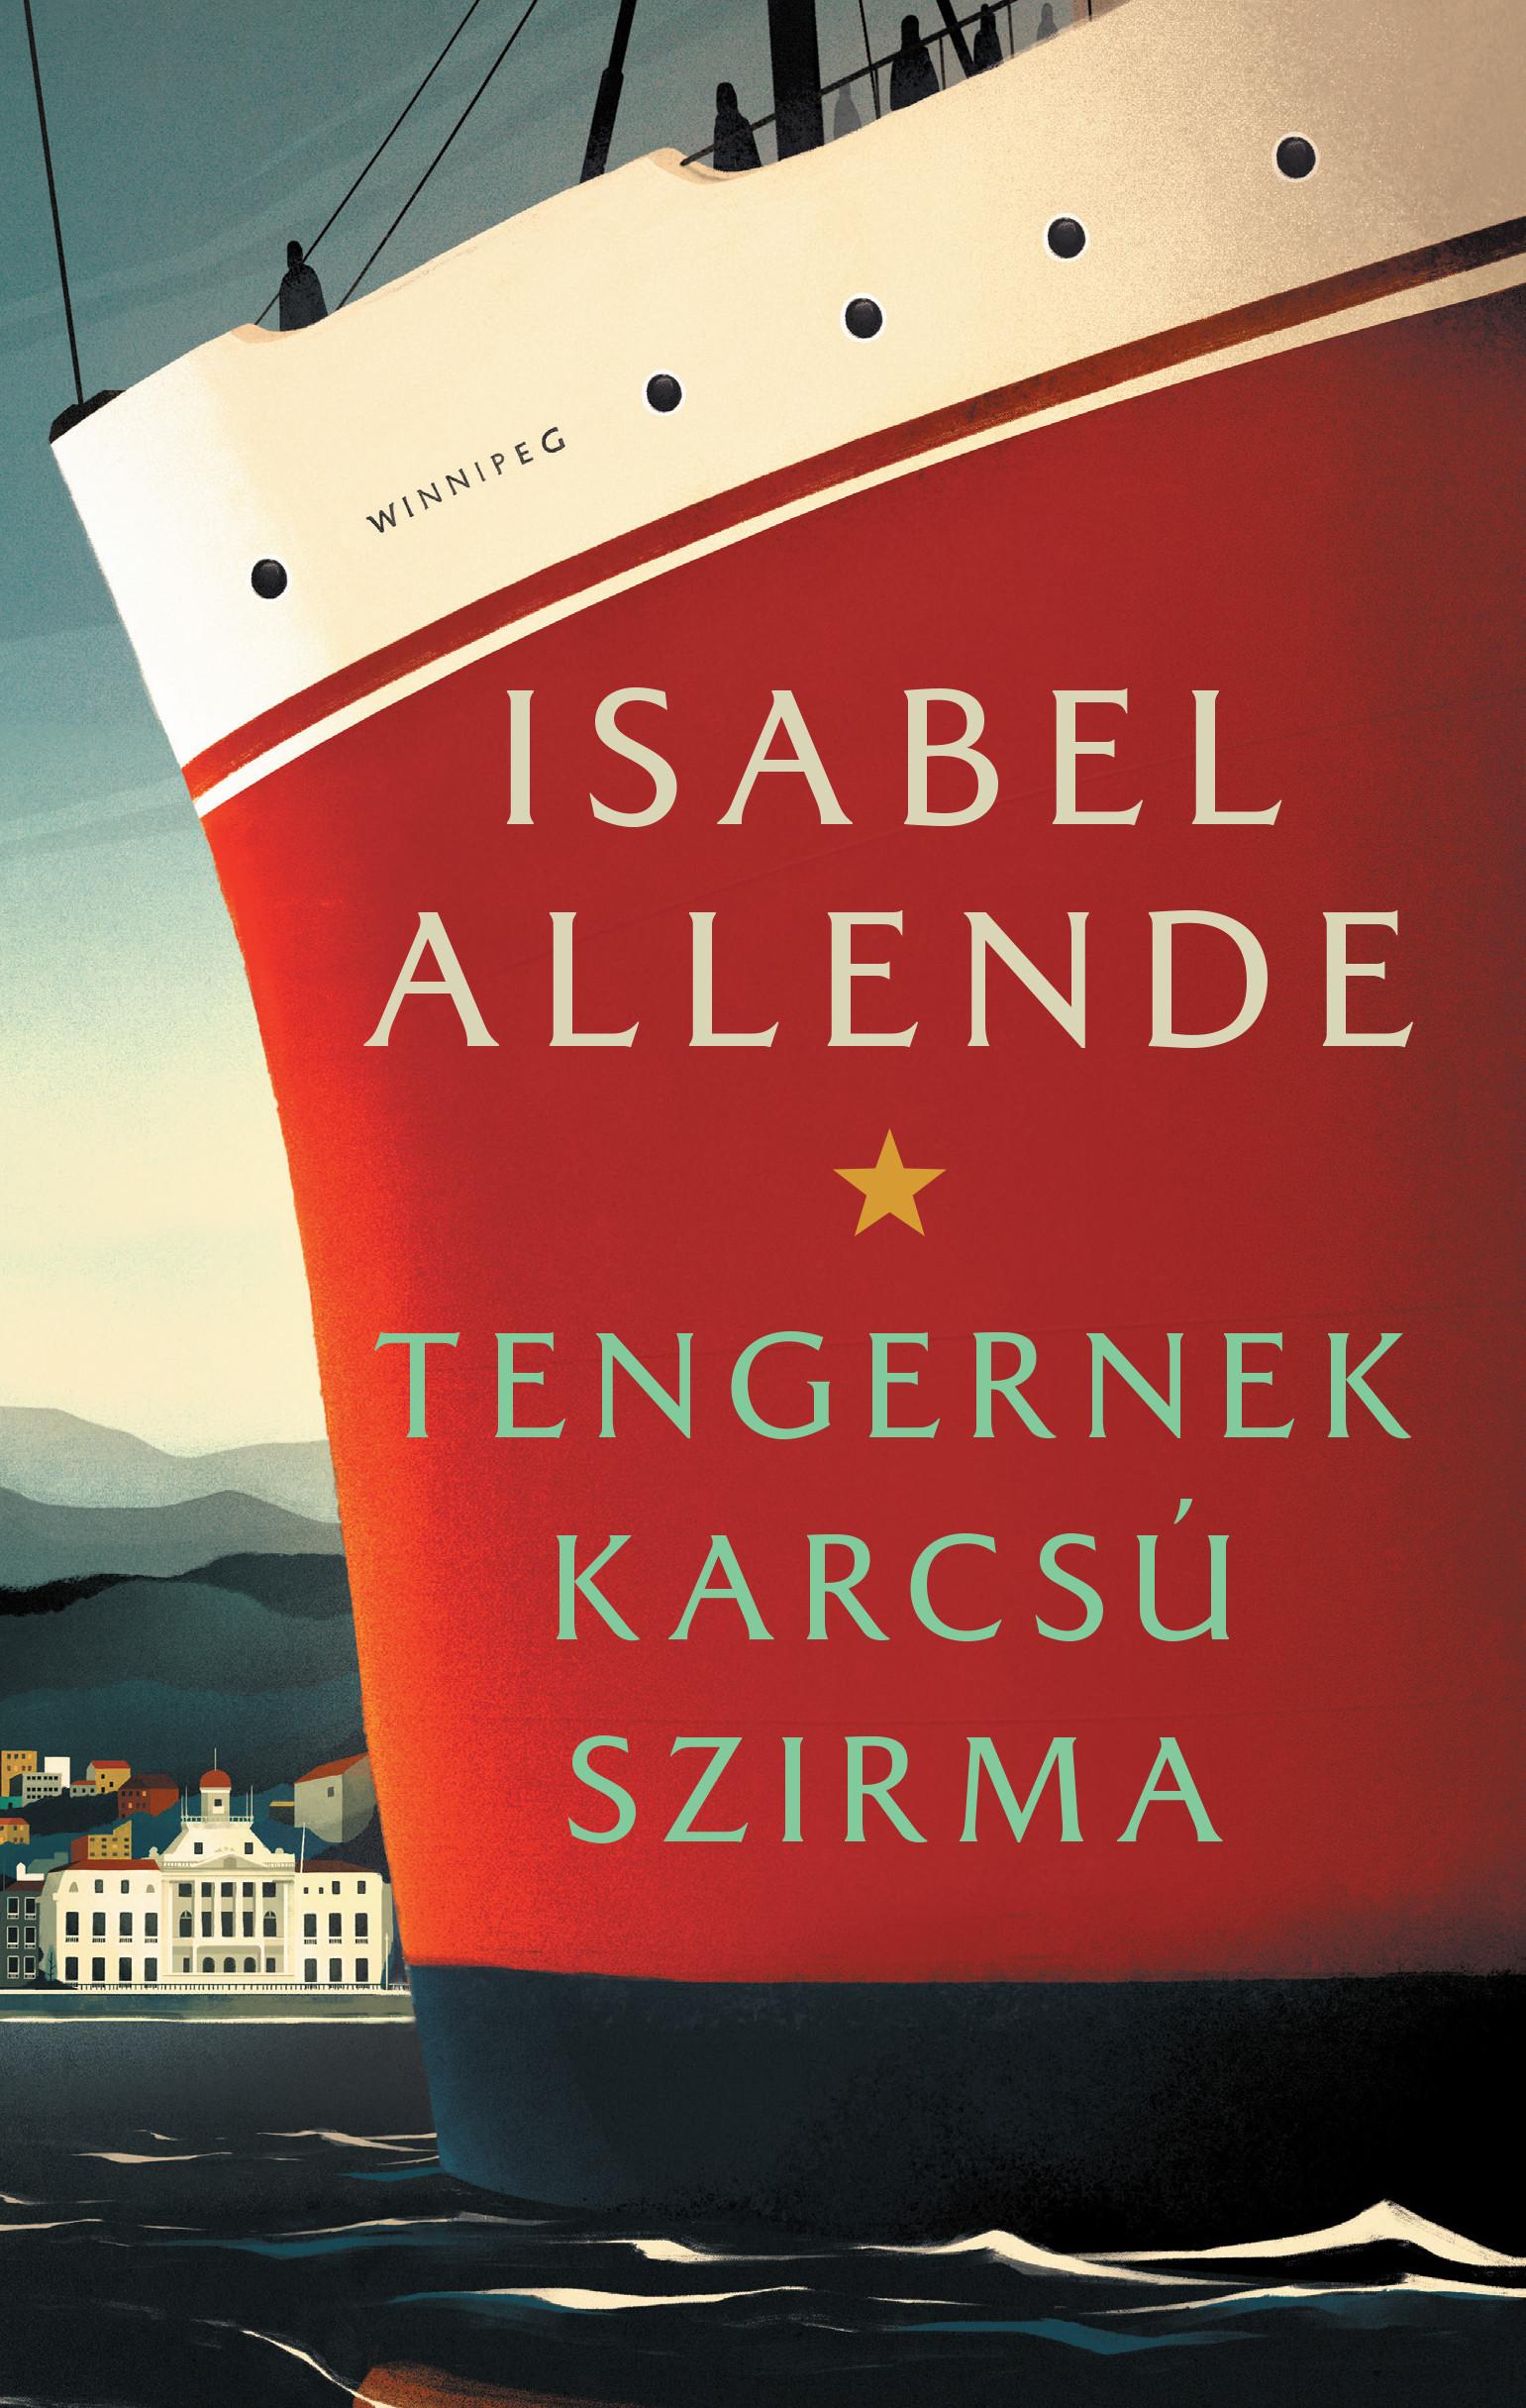 Isabel Allende - Tengernek karcsú szirma